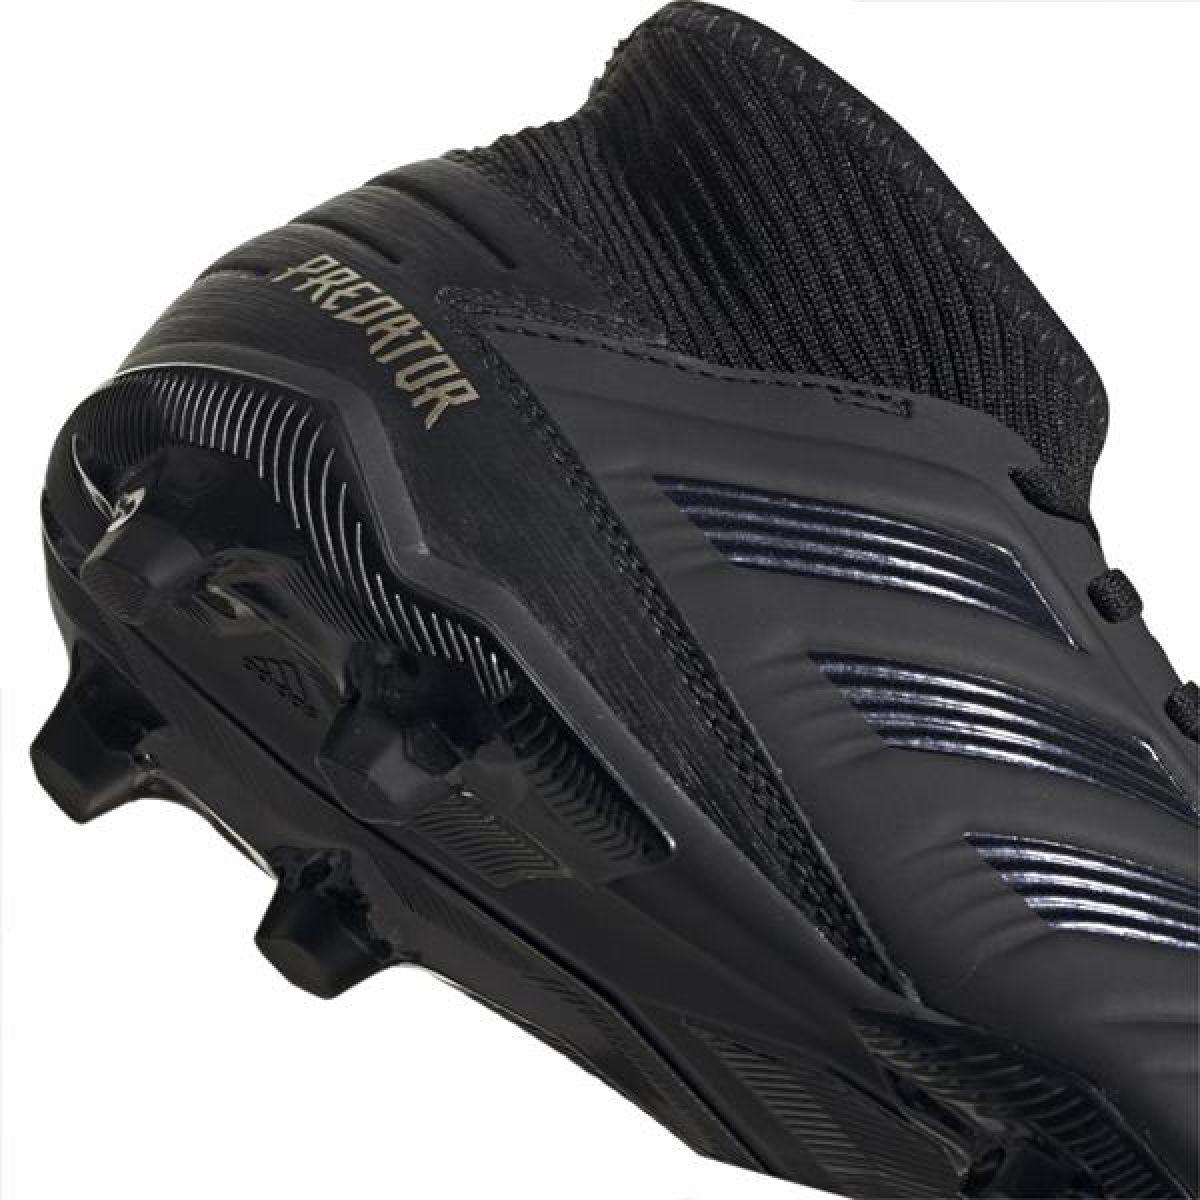 Adidas Predator 19.3 Fg Sapatos De Futebol Jr G25796 Preto